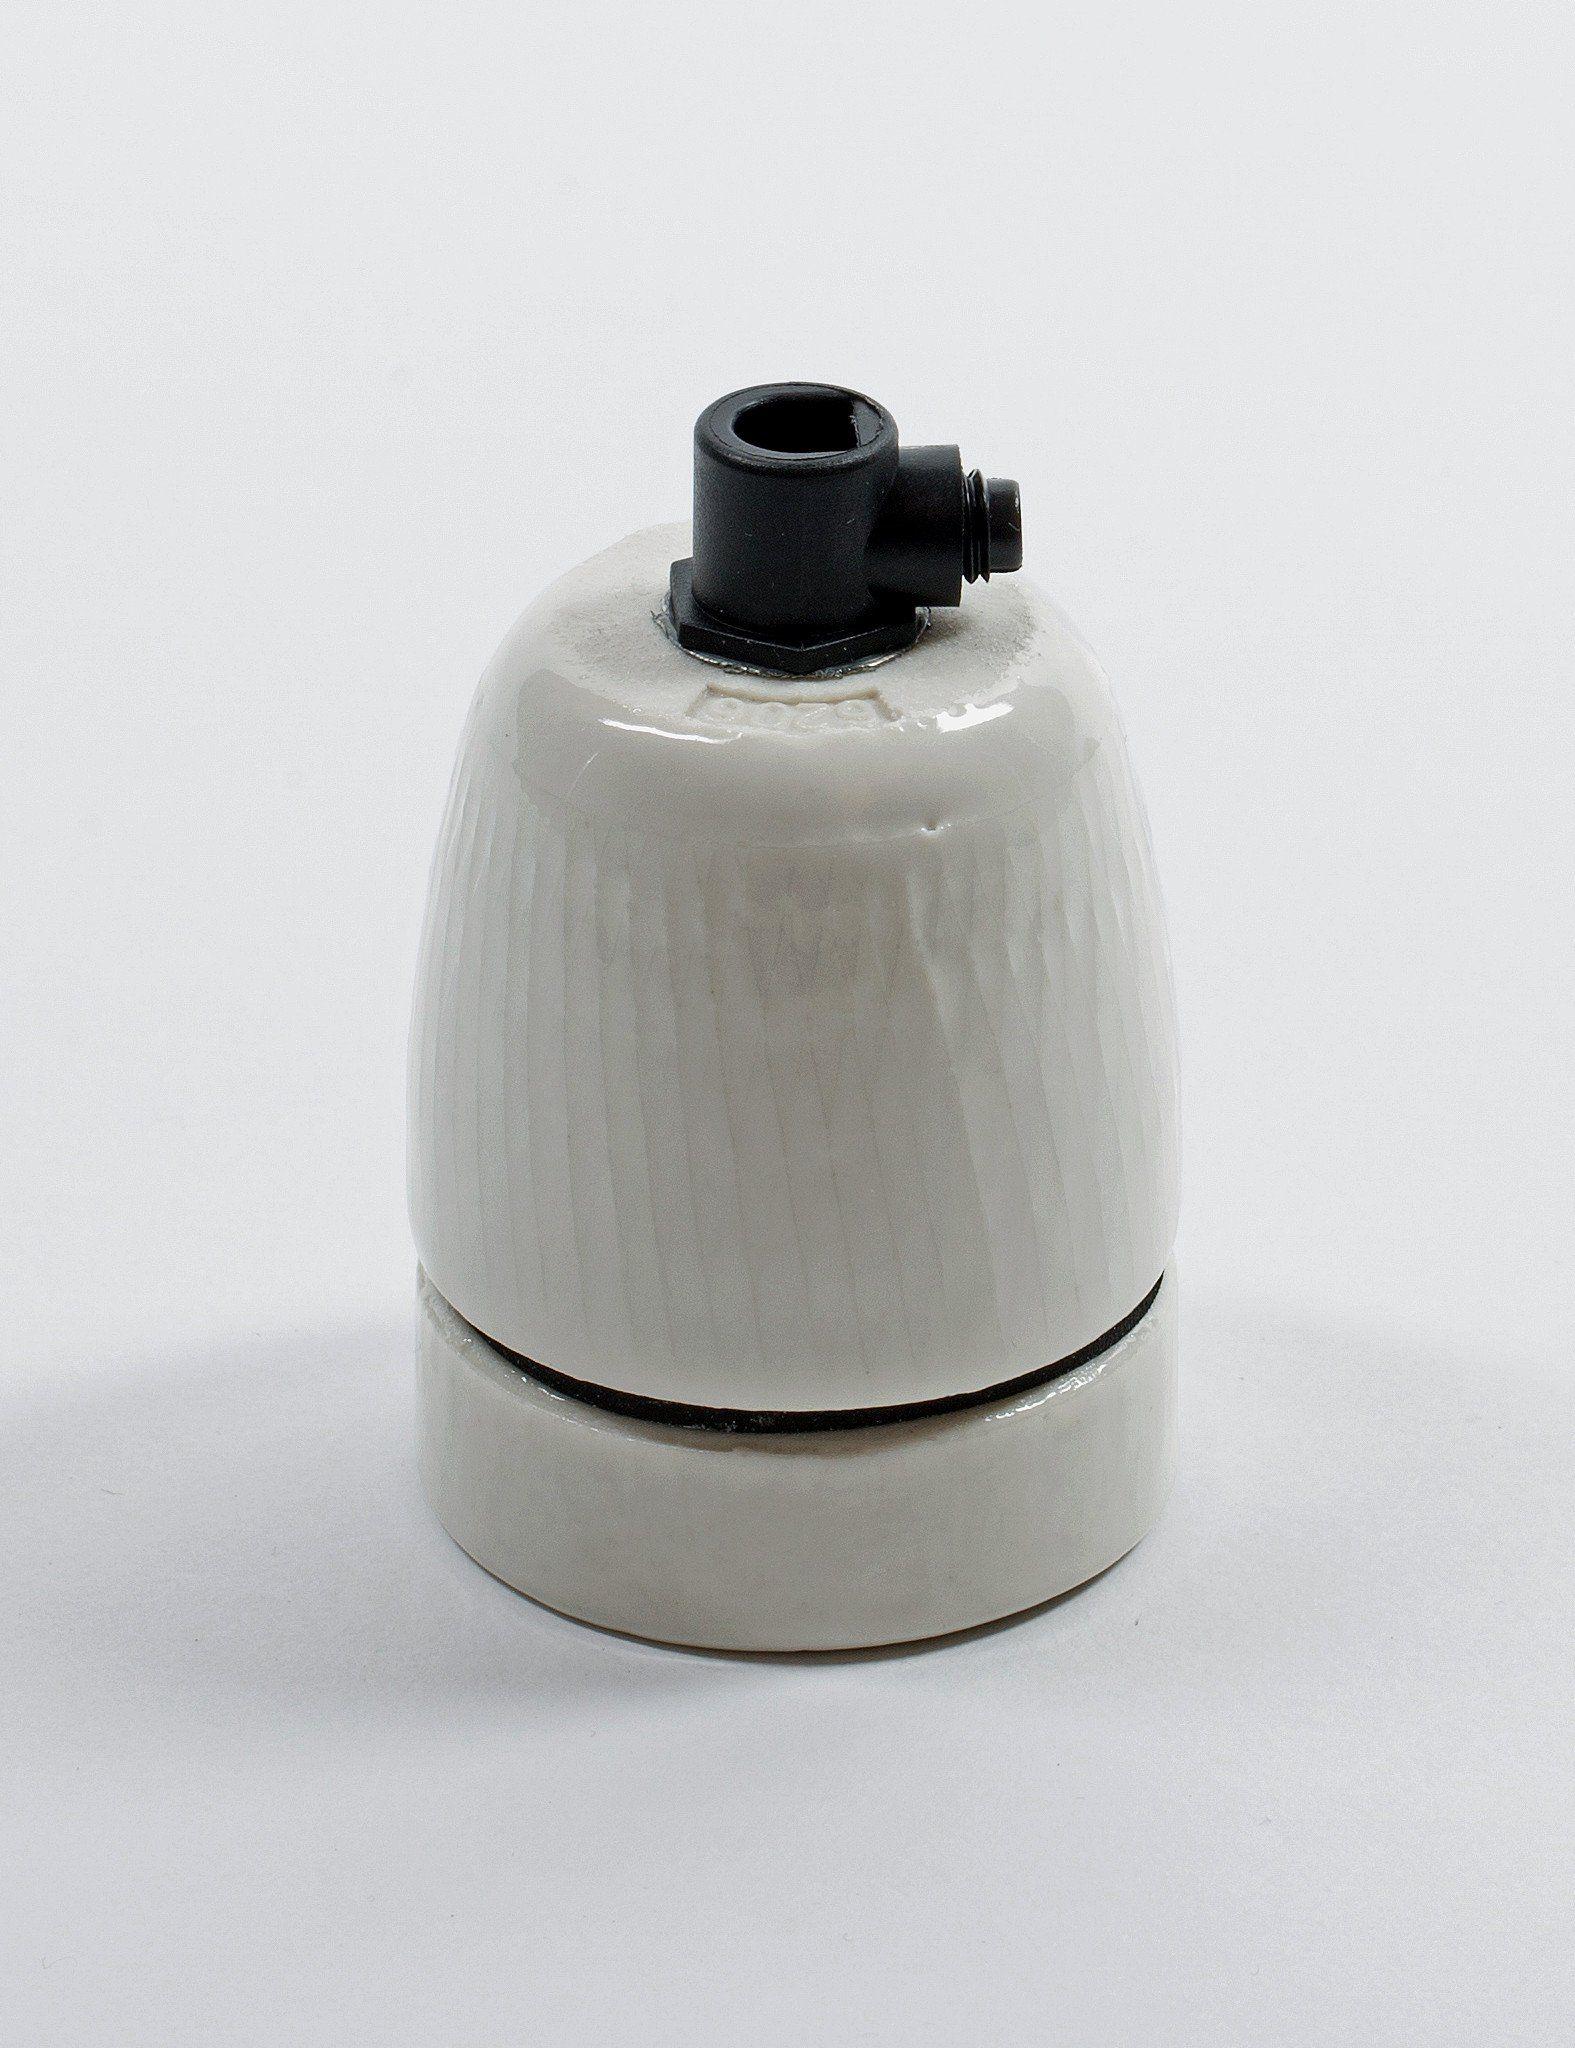 Ceramic Lamp Holder By Factorylux Ceramic Lamp Lamp Holder Ceramics